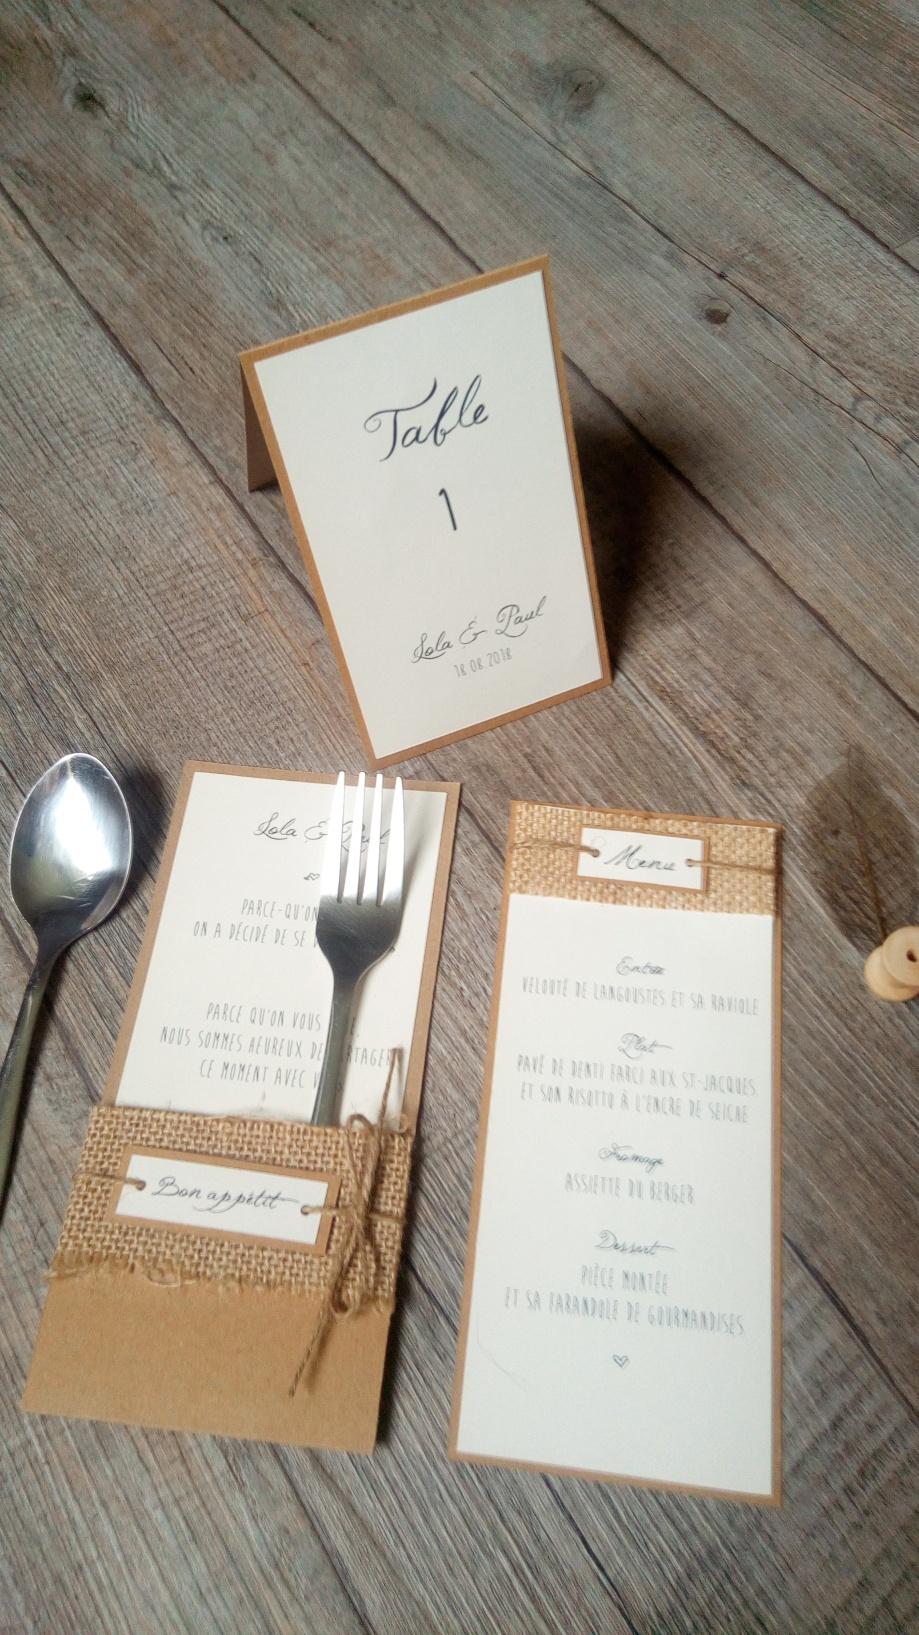 Menu, marque place, range-couverts, numéro de table, décoration de table de mariage thème champêtre - toile de jute - gamme mariage champêtre 2